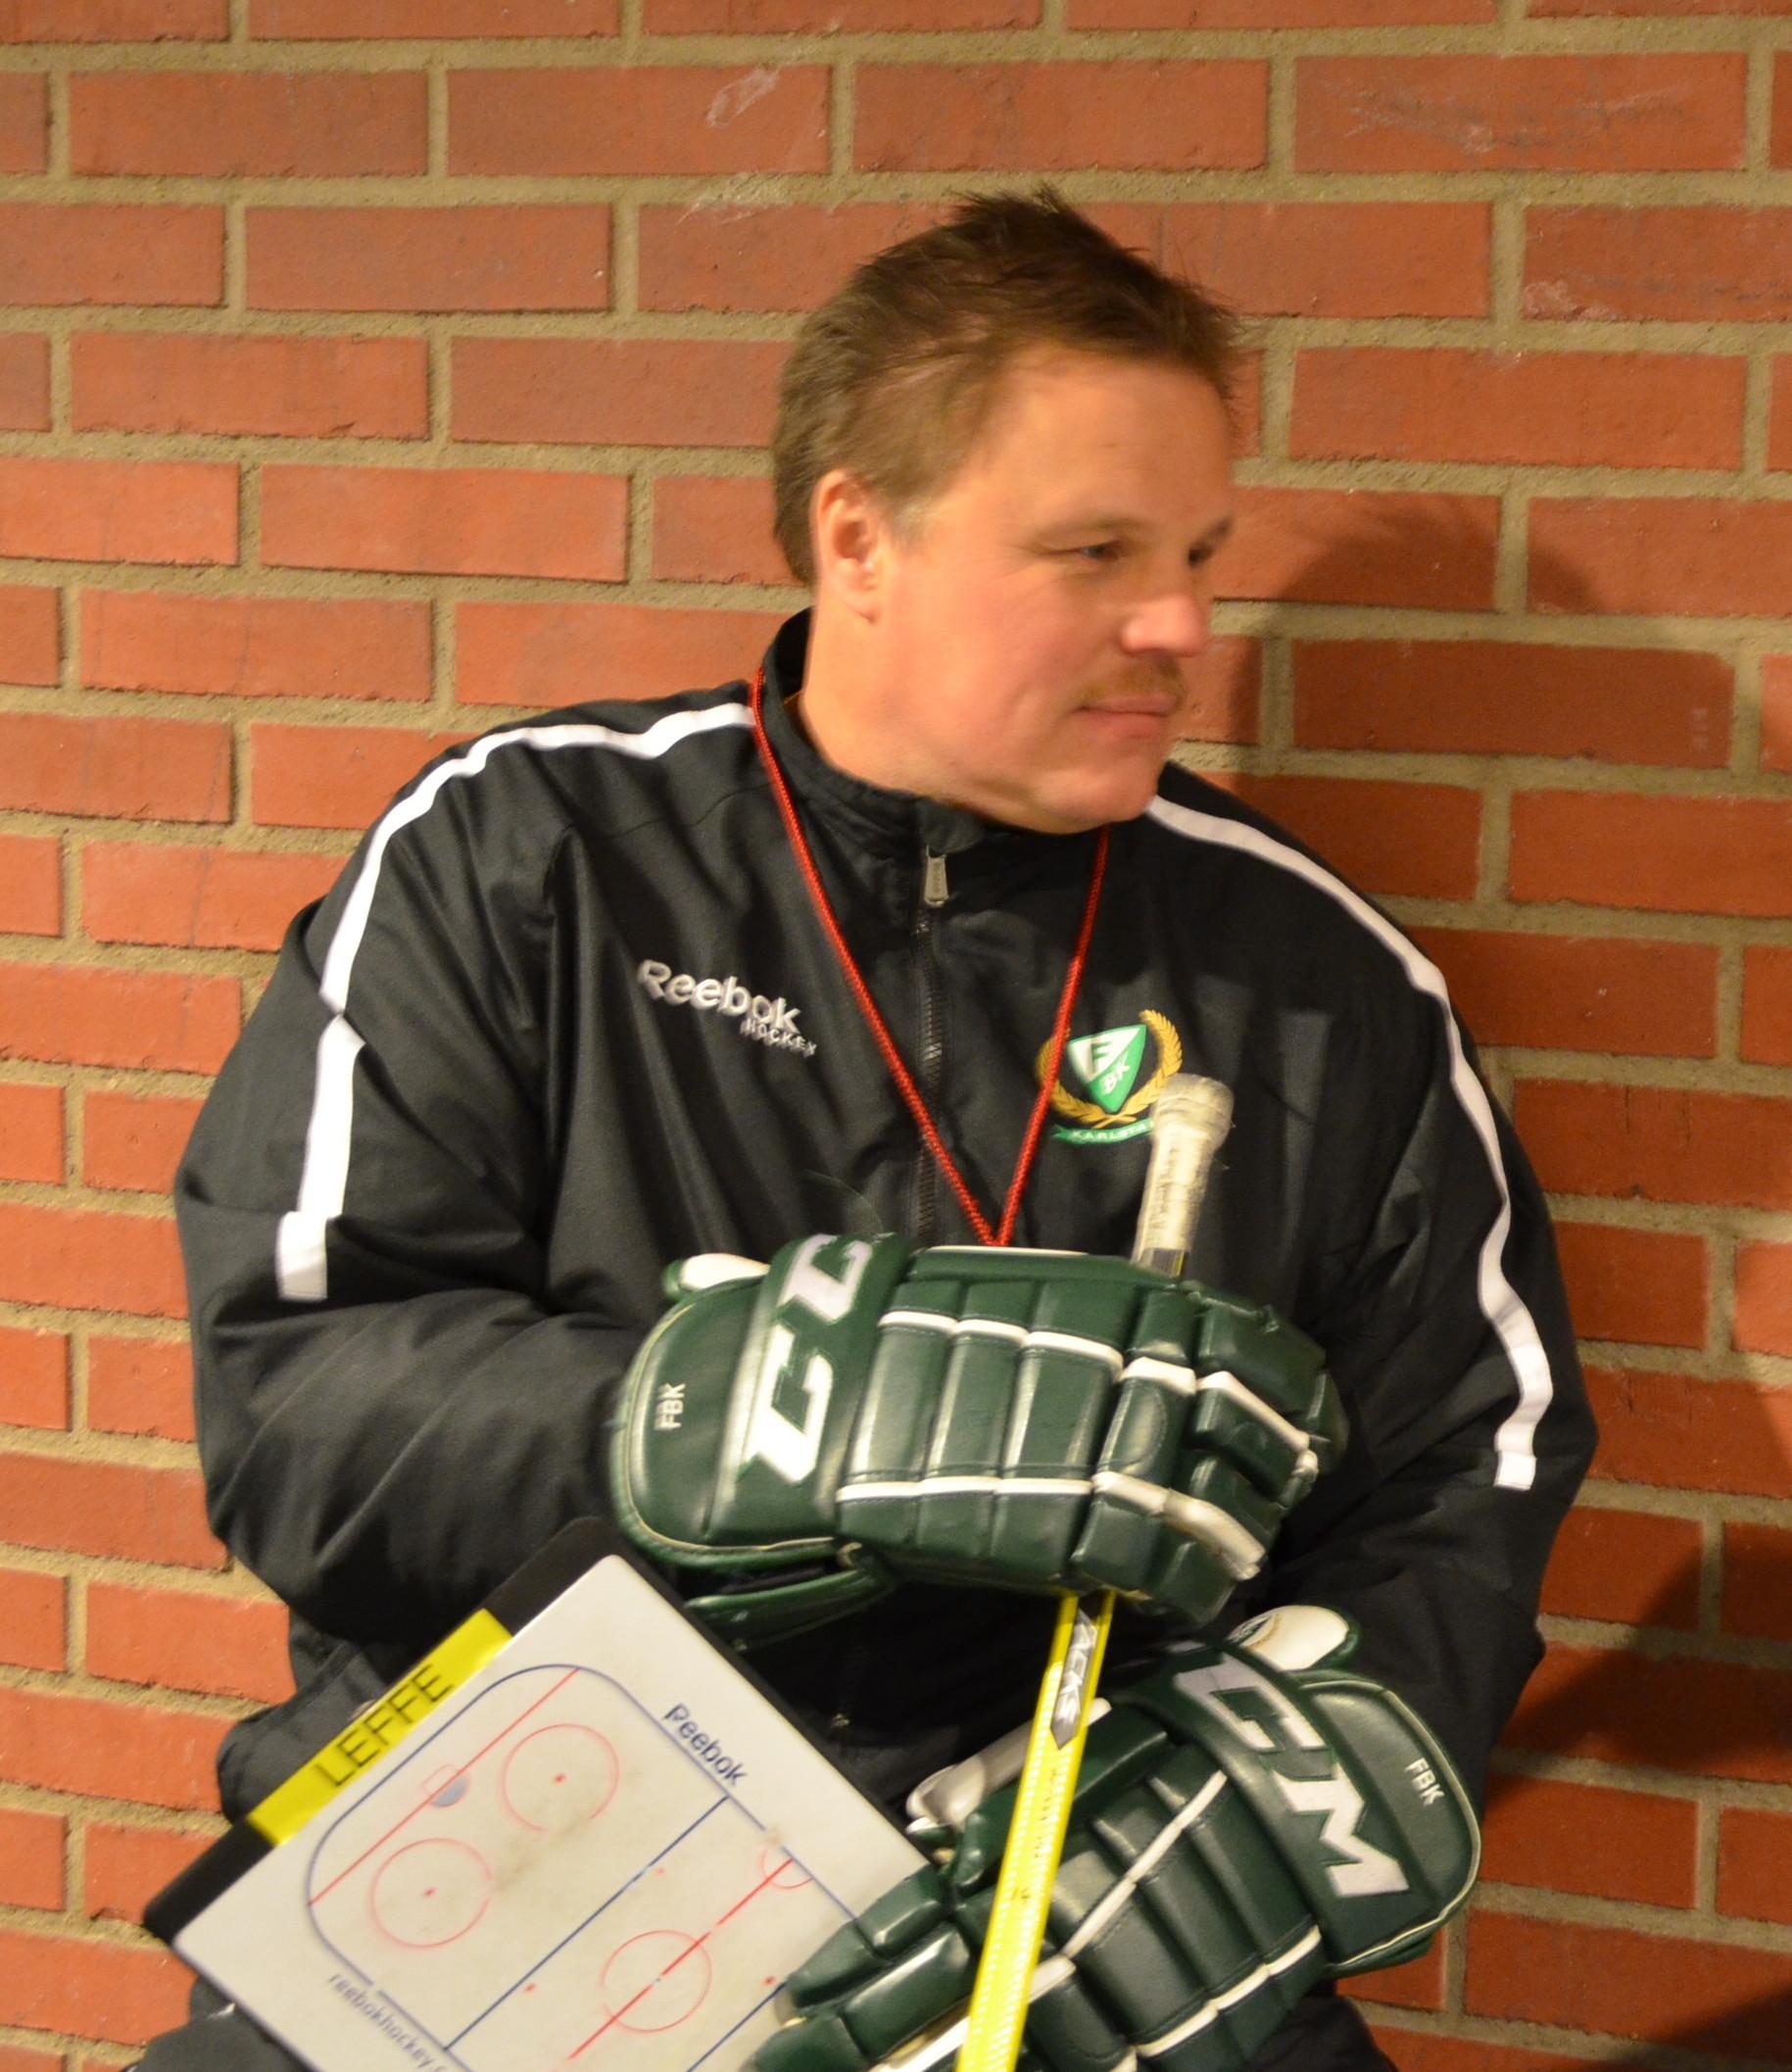 Leif Carlsson gör sitt sista slutspel som tränare. Foto: Joakim Angle/fbkbloggen